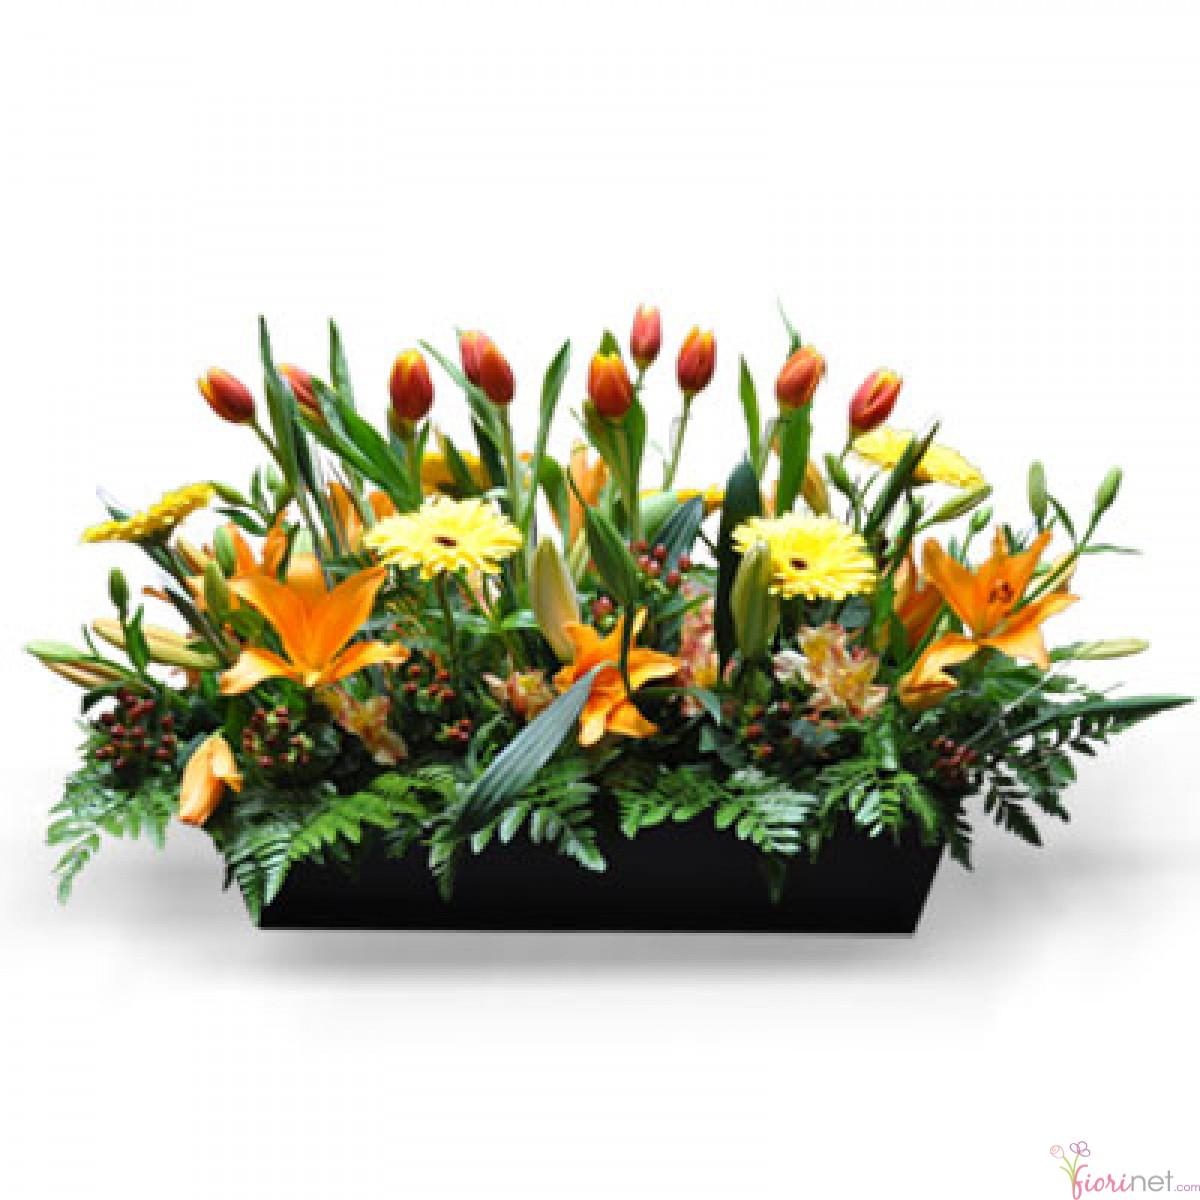 Flores fiorinet florerias jardinera de tulipanes - Jardineras de colores ...